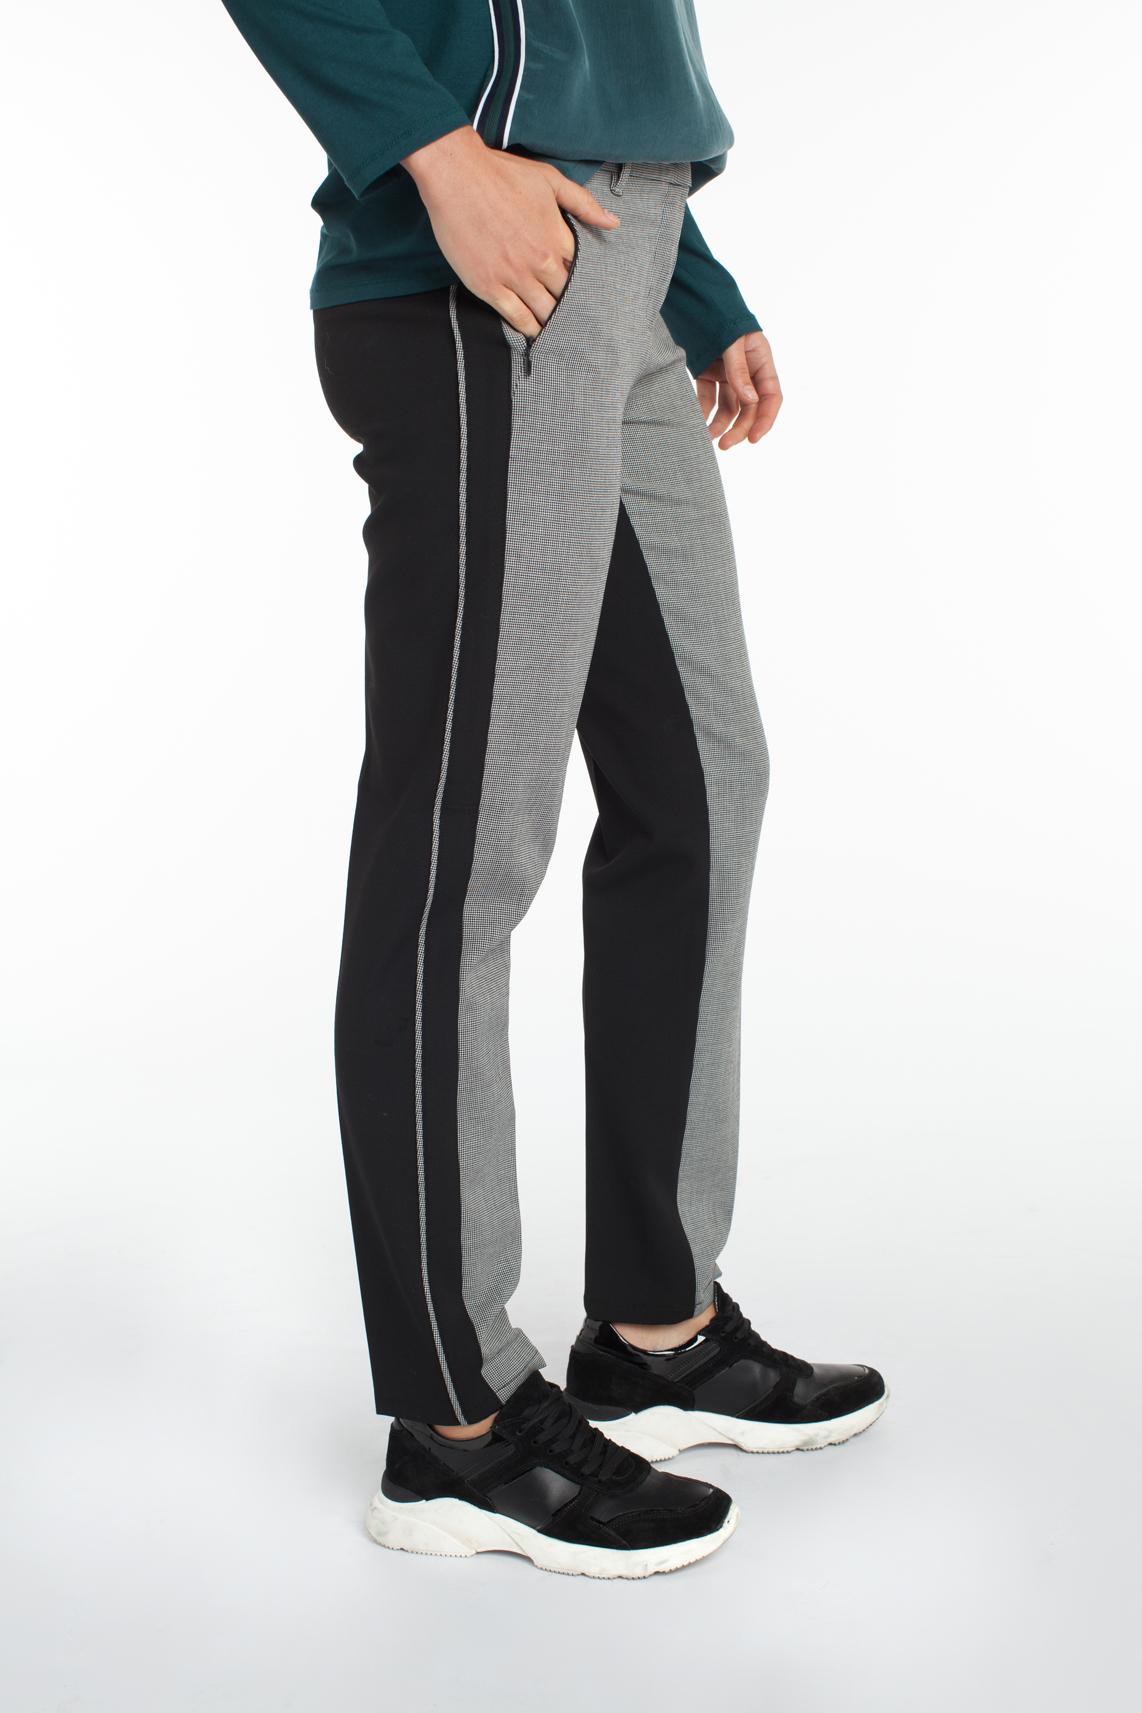 Rosner Dames Alisa contrasterende broek zwart